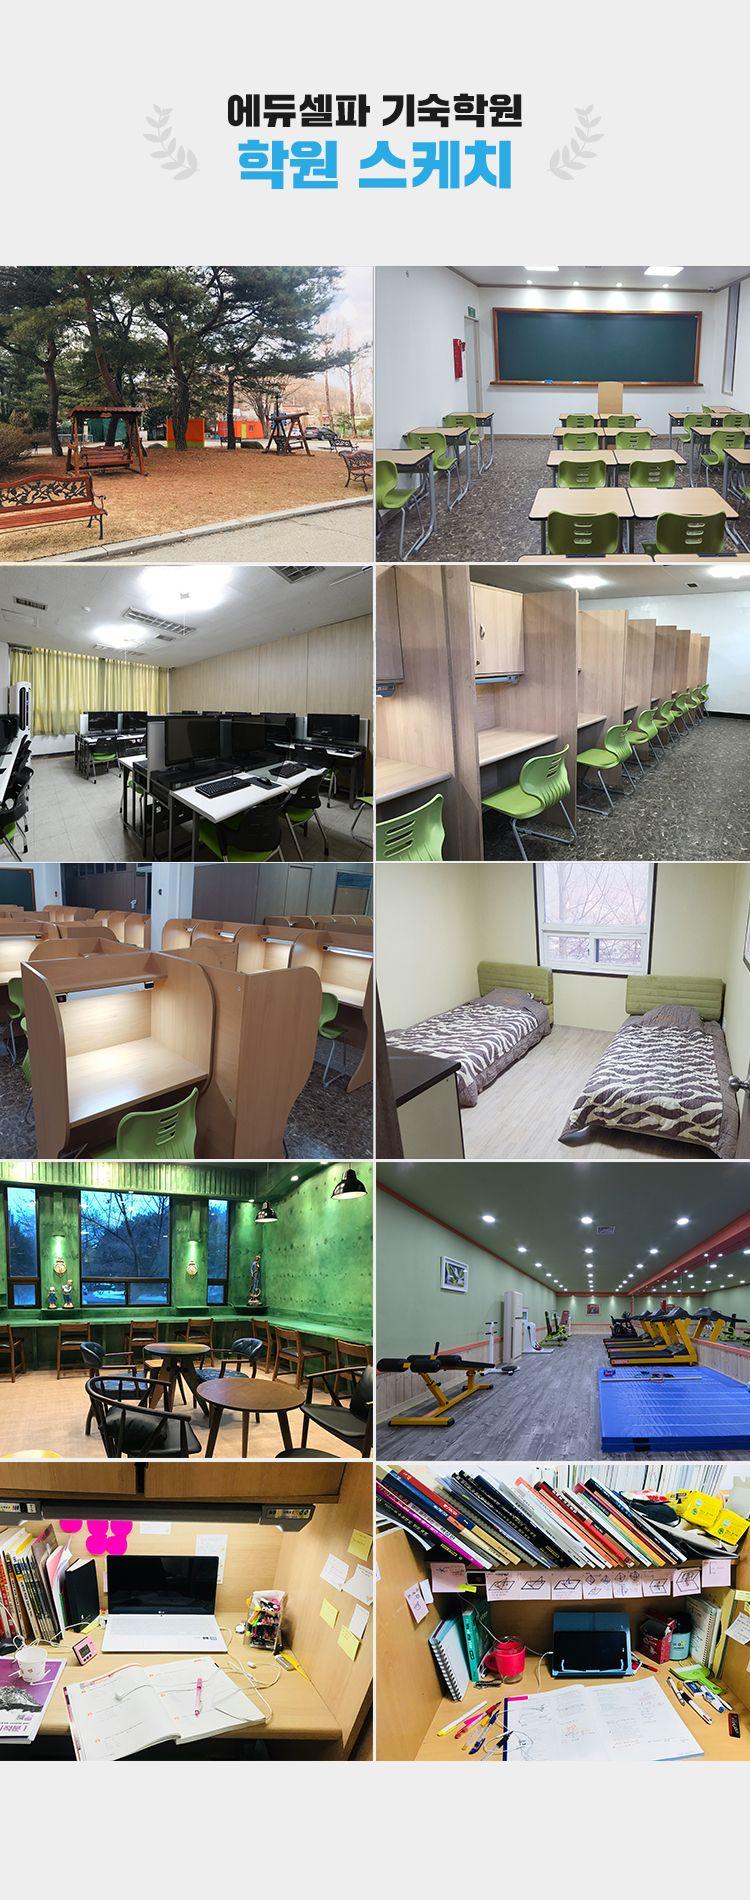 2019 윈터스쿨 학원스캐치 모바일